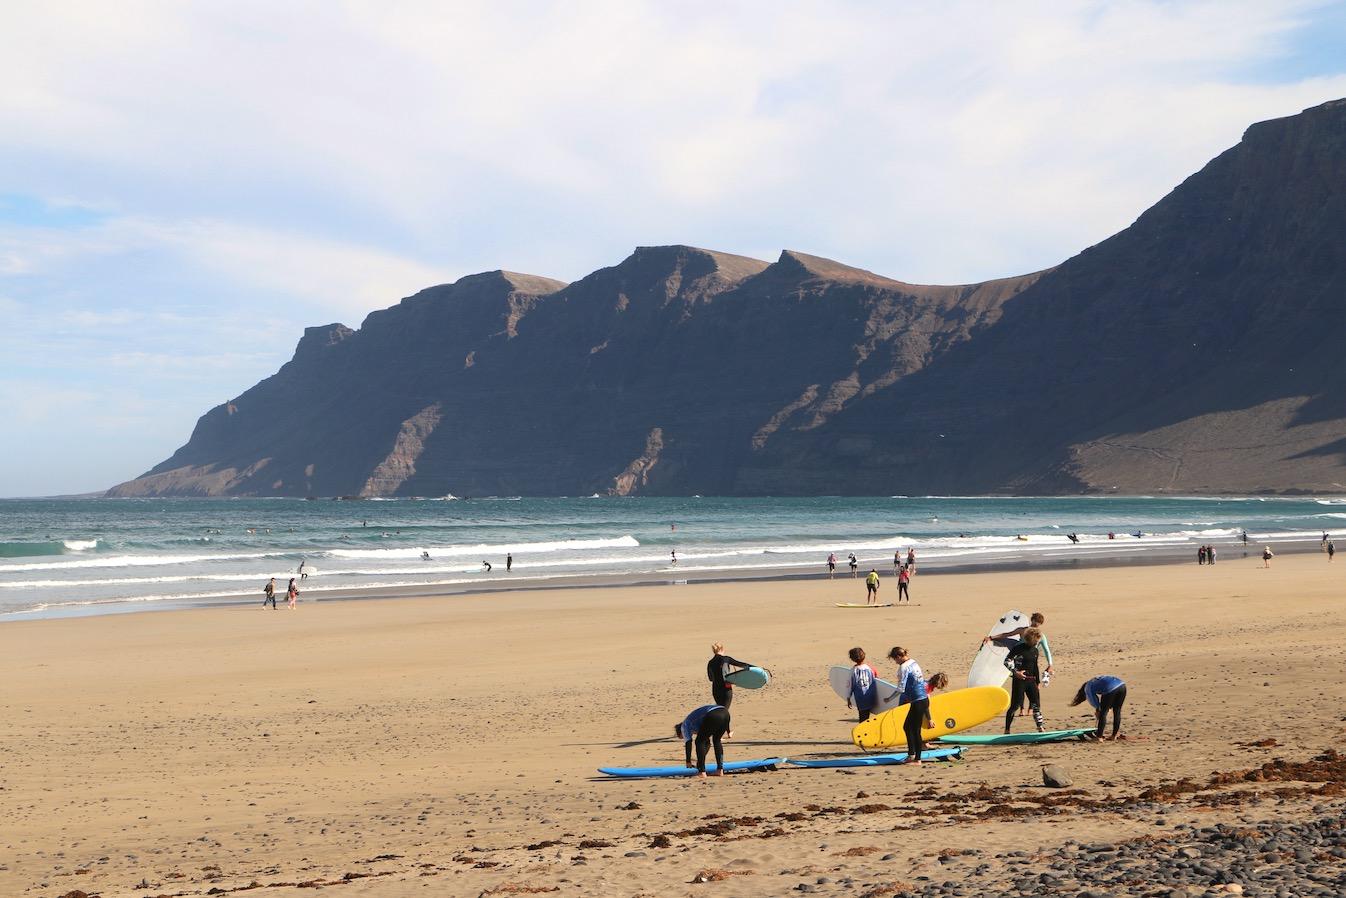 Surfers on Playa de Famara